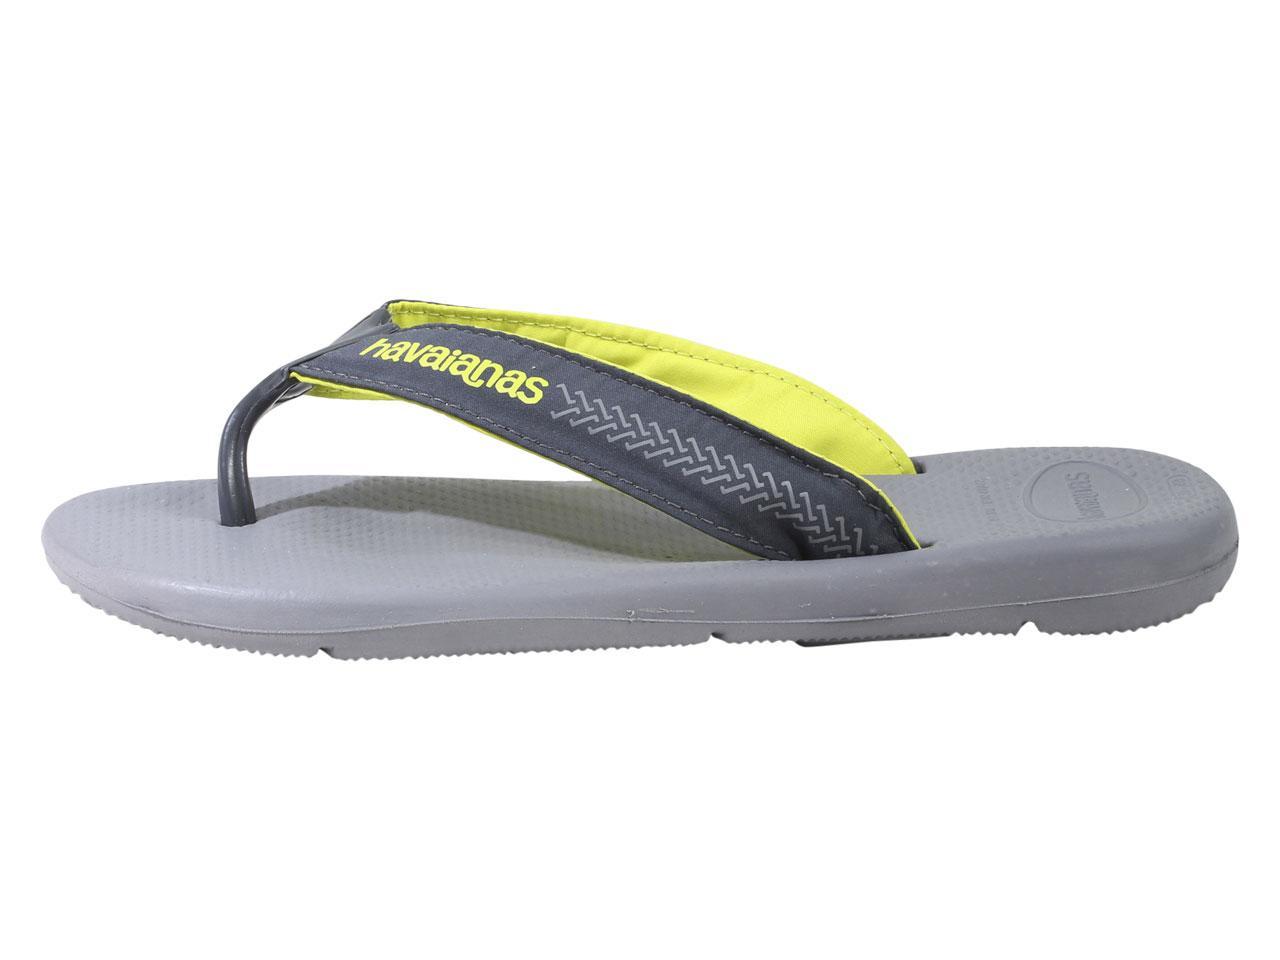 Havaianas-Men-039-s-Surf-Pro-Flip-Flops-Sandals-Shoes miniature 17